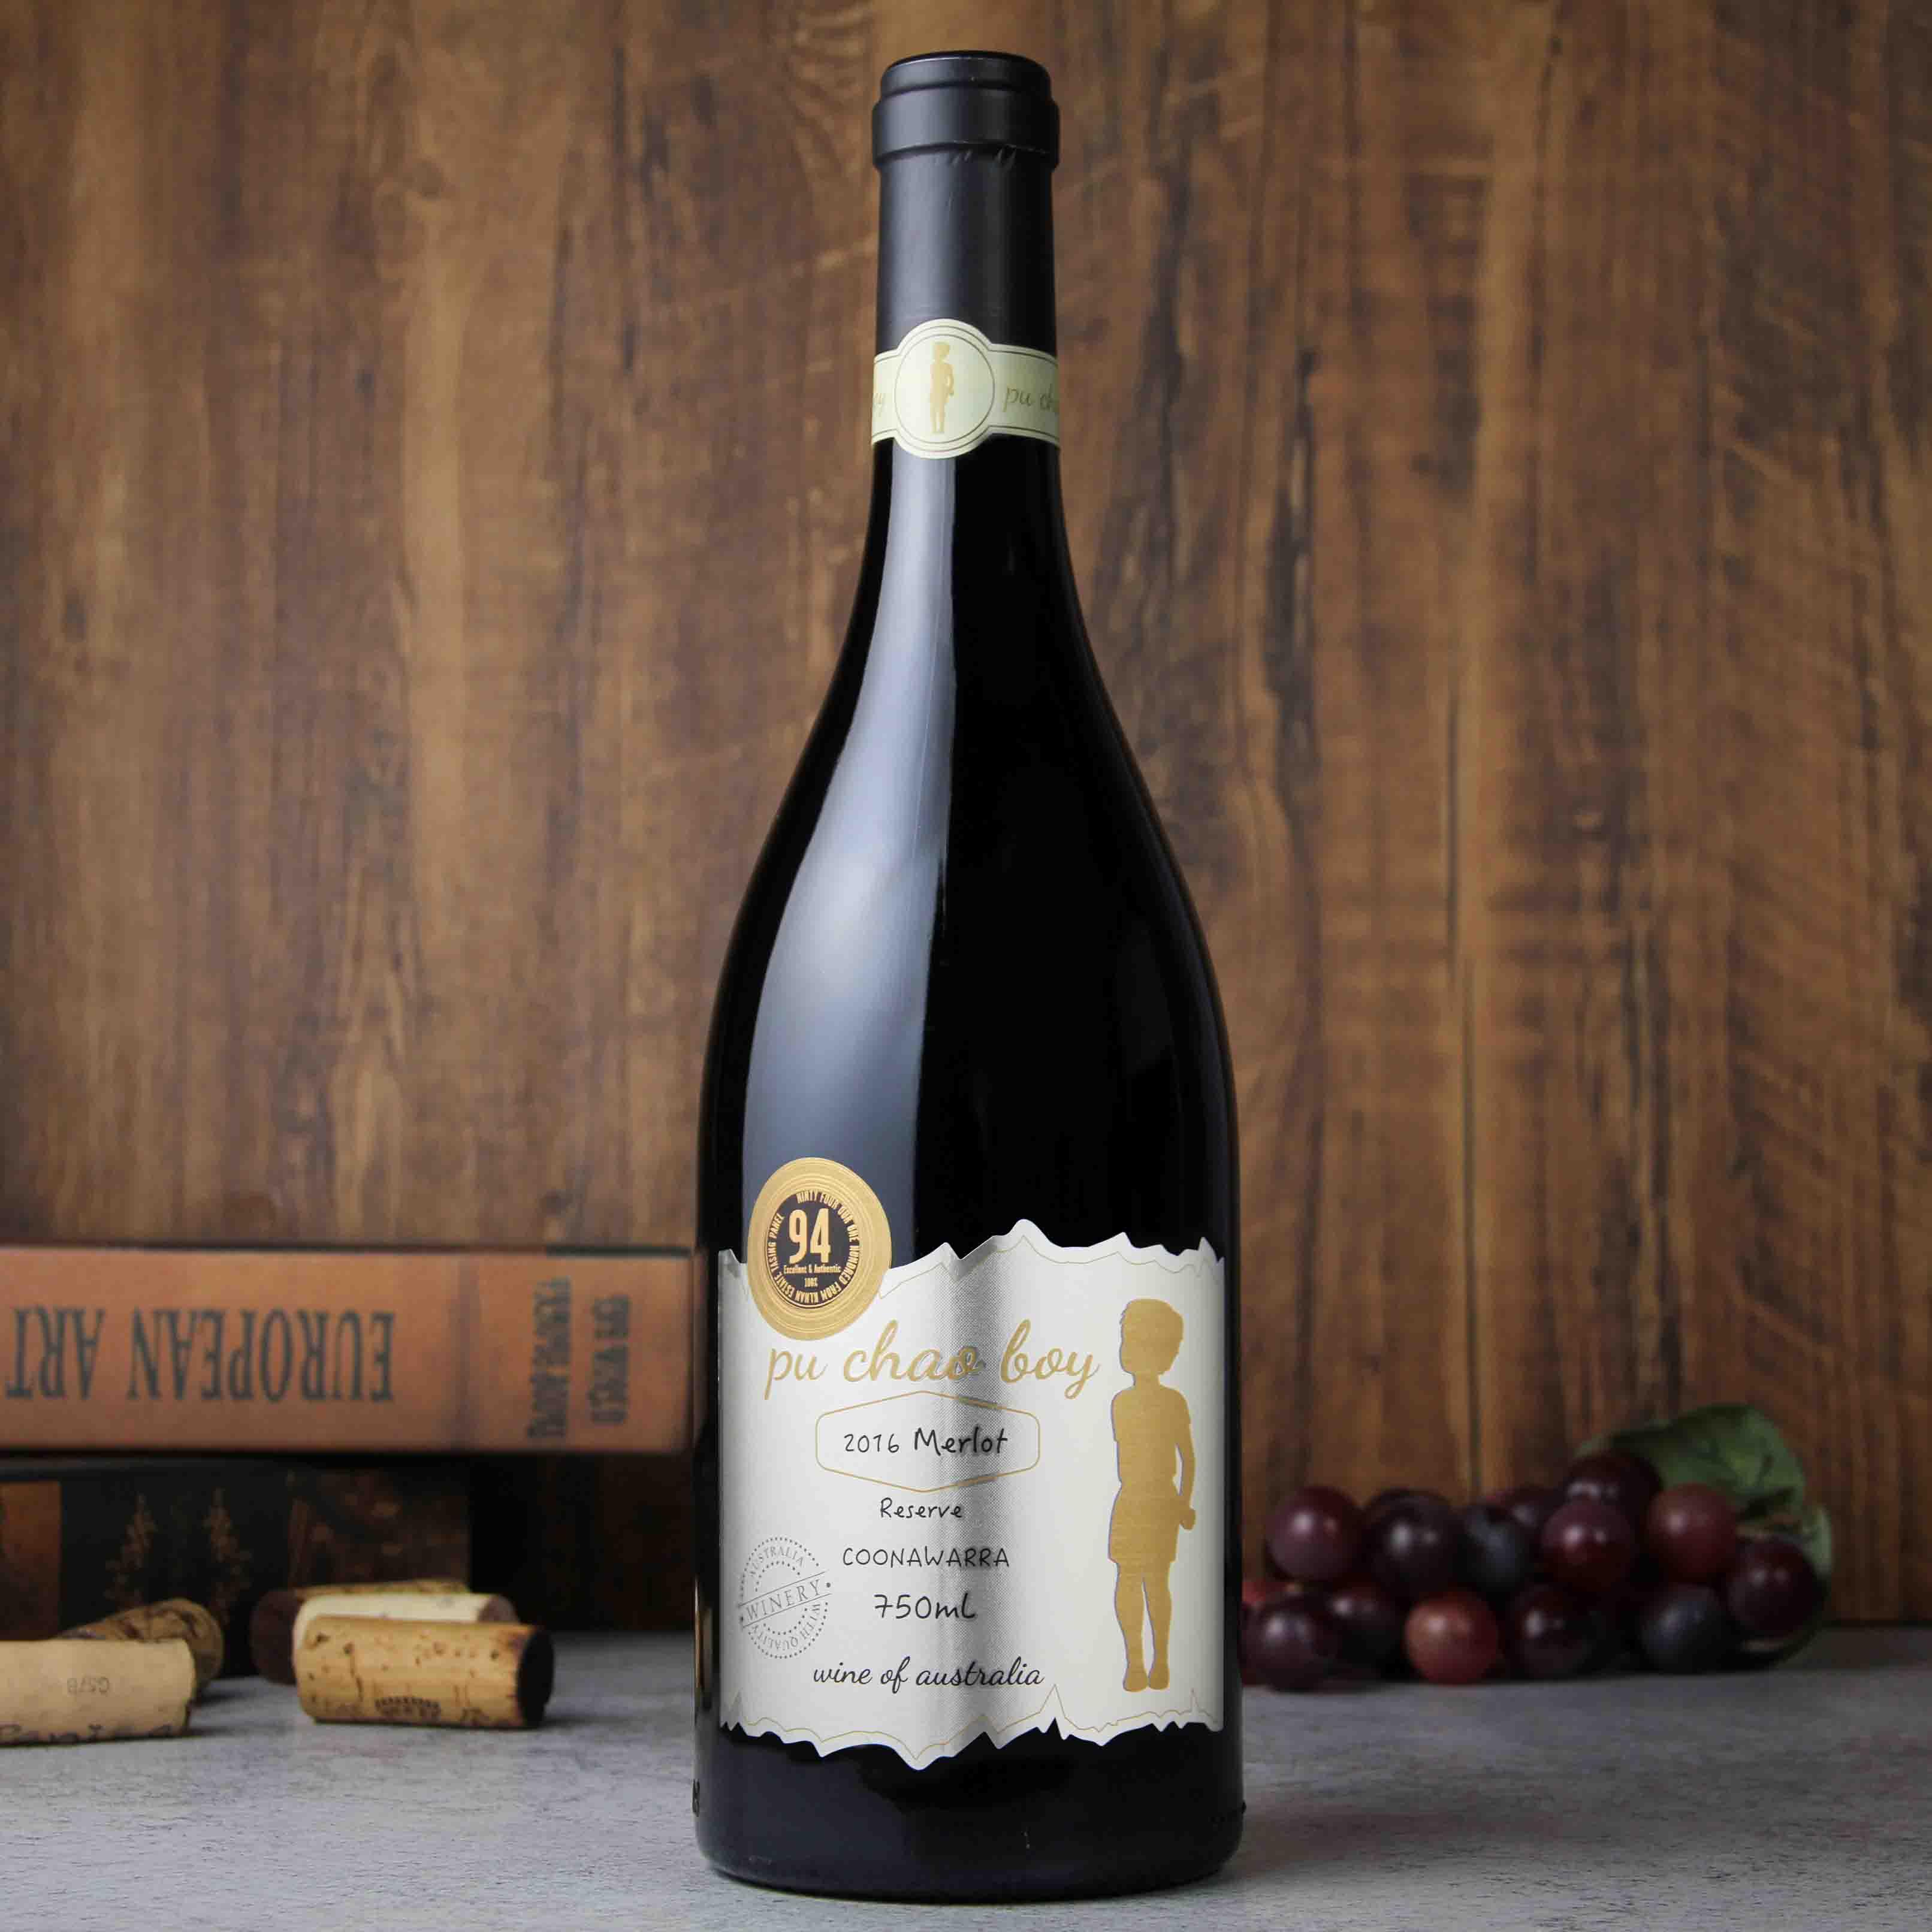 澳大利亚库纳瓦拉老男孩金牌梅洛红葡萄酒